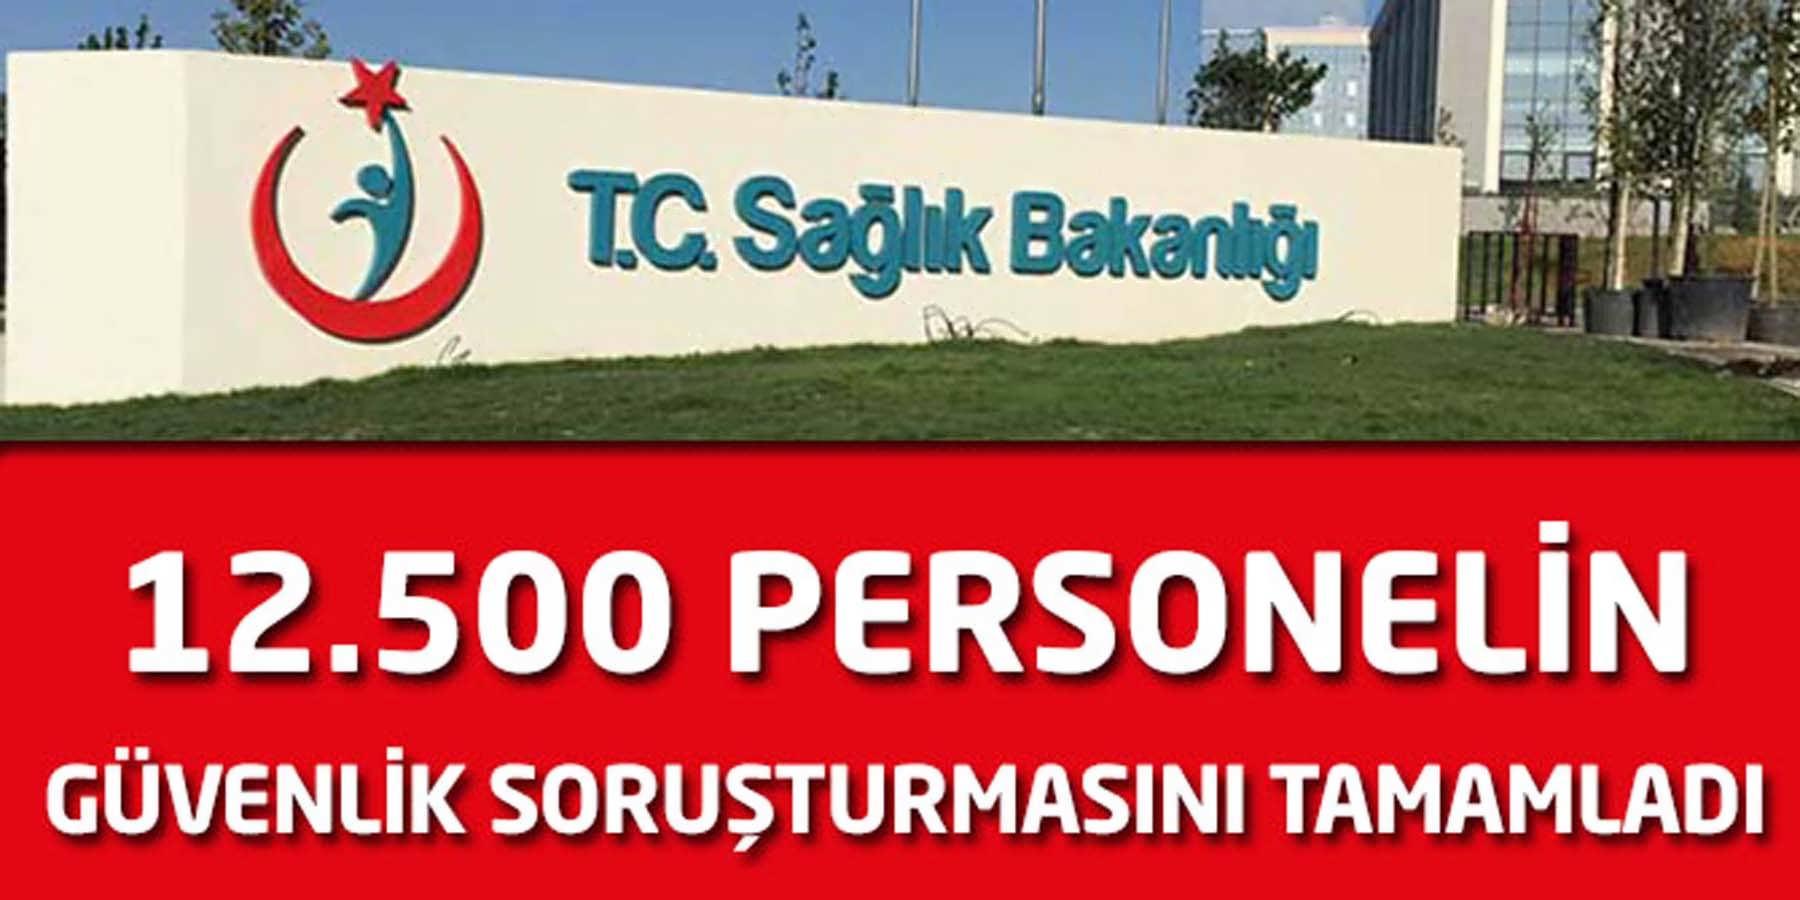 Sağlık Bakanlığı 12.500 Personelin Güvenlik Soruşturmasını Tamamladı